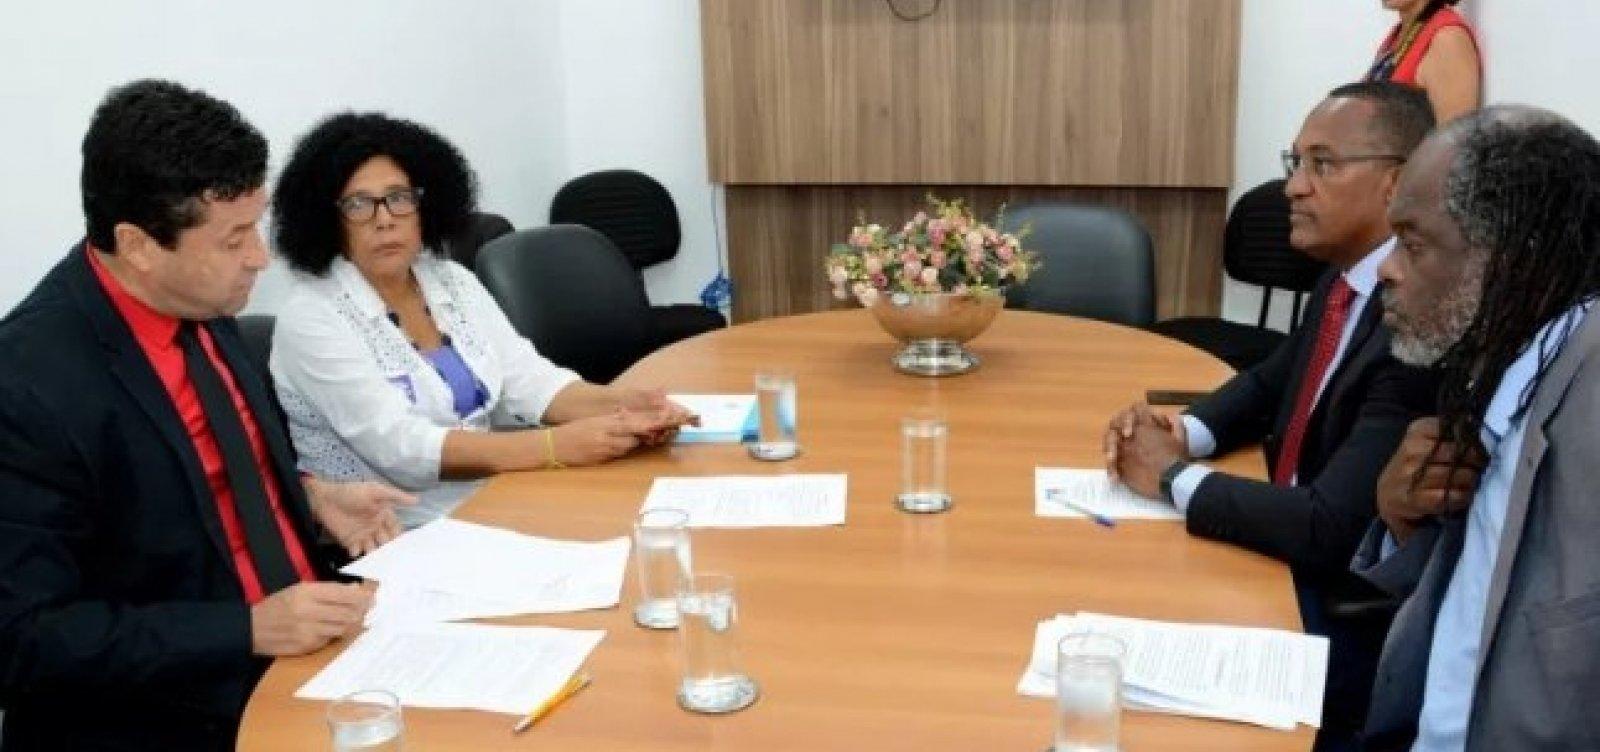 [Parecer na Comissão de Educação rejeita projeto contra ideologia de gênero em Salvador]